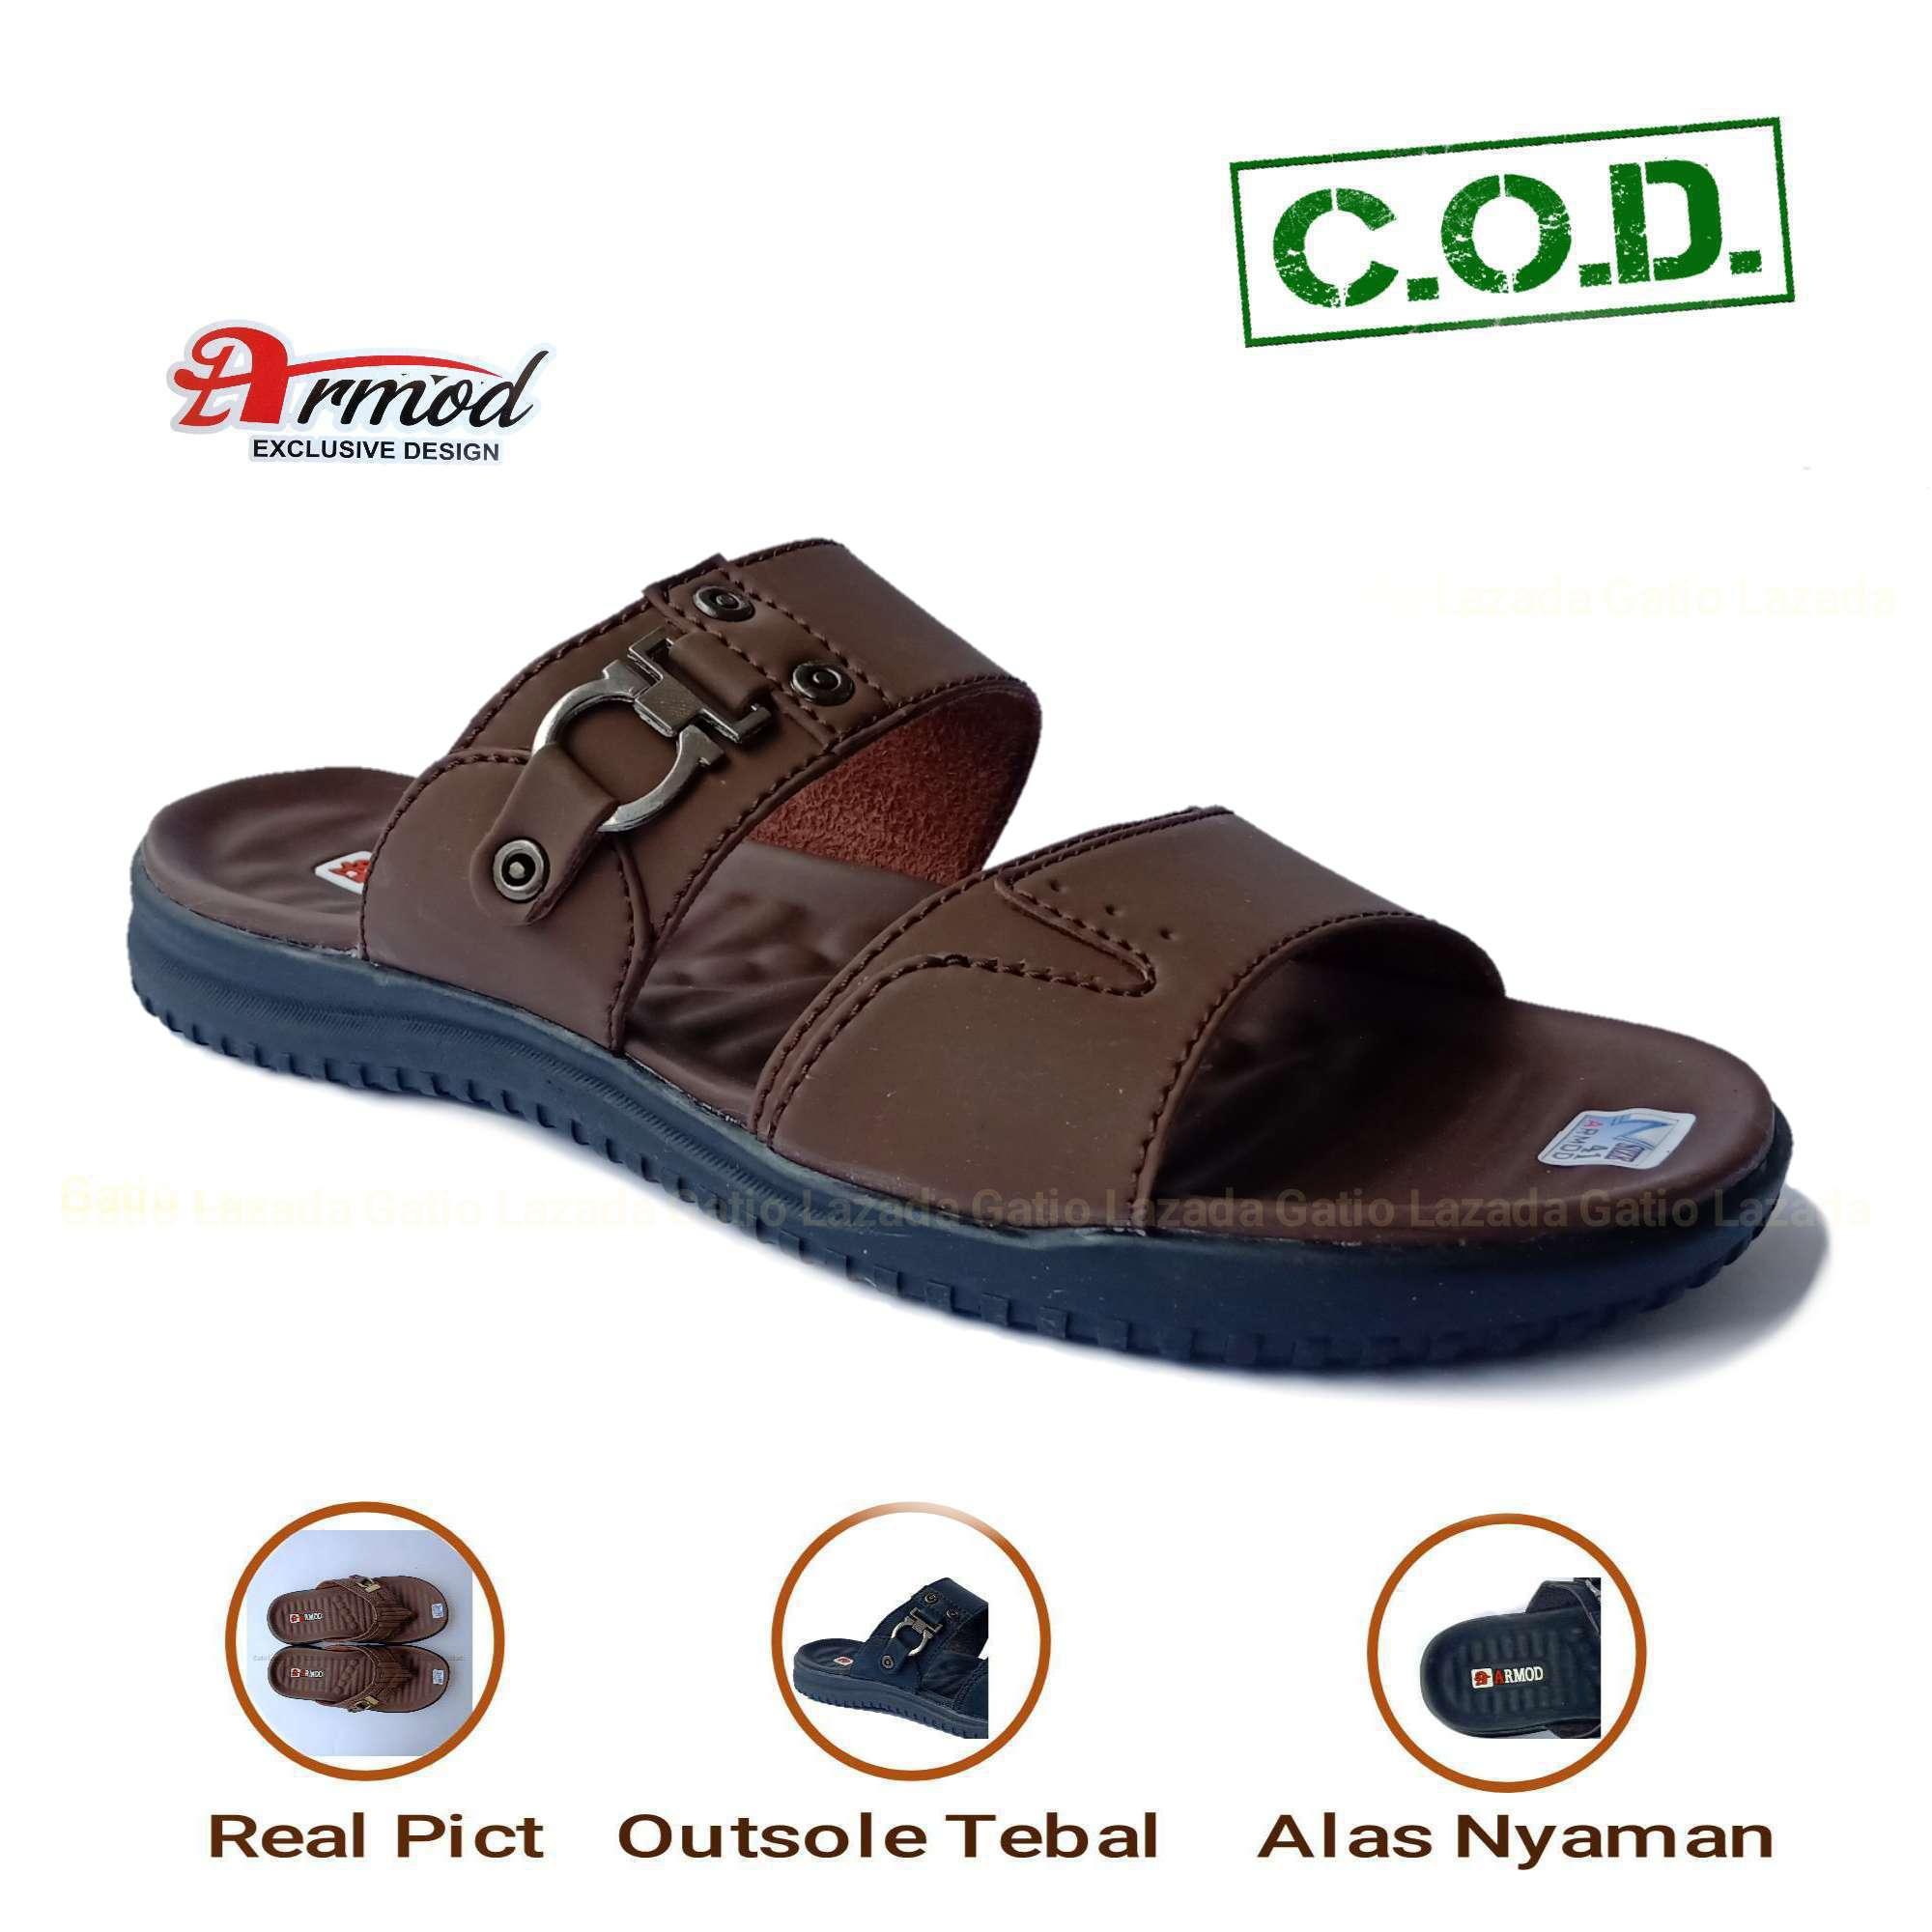 872d75e2819d Sandal Kulit   Sandal Pria   Sandal Pria Kulit Casual Sandal Kulit Pria    Sandal Pria